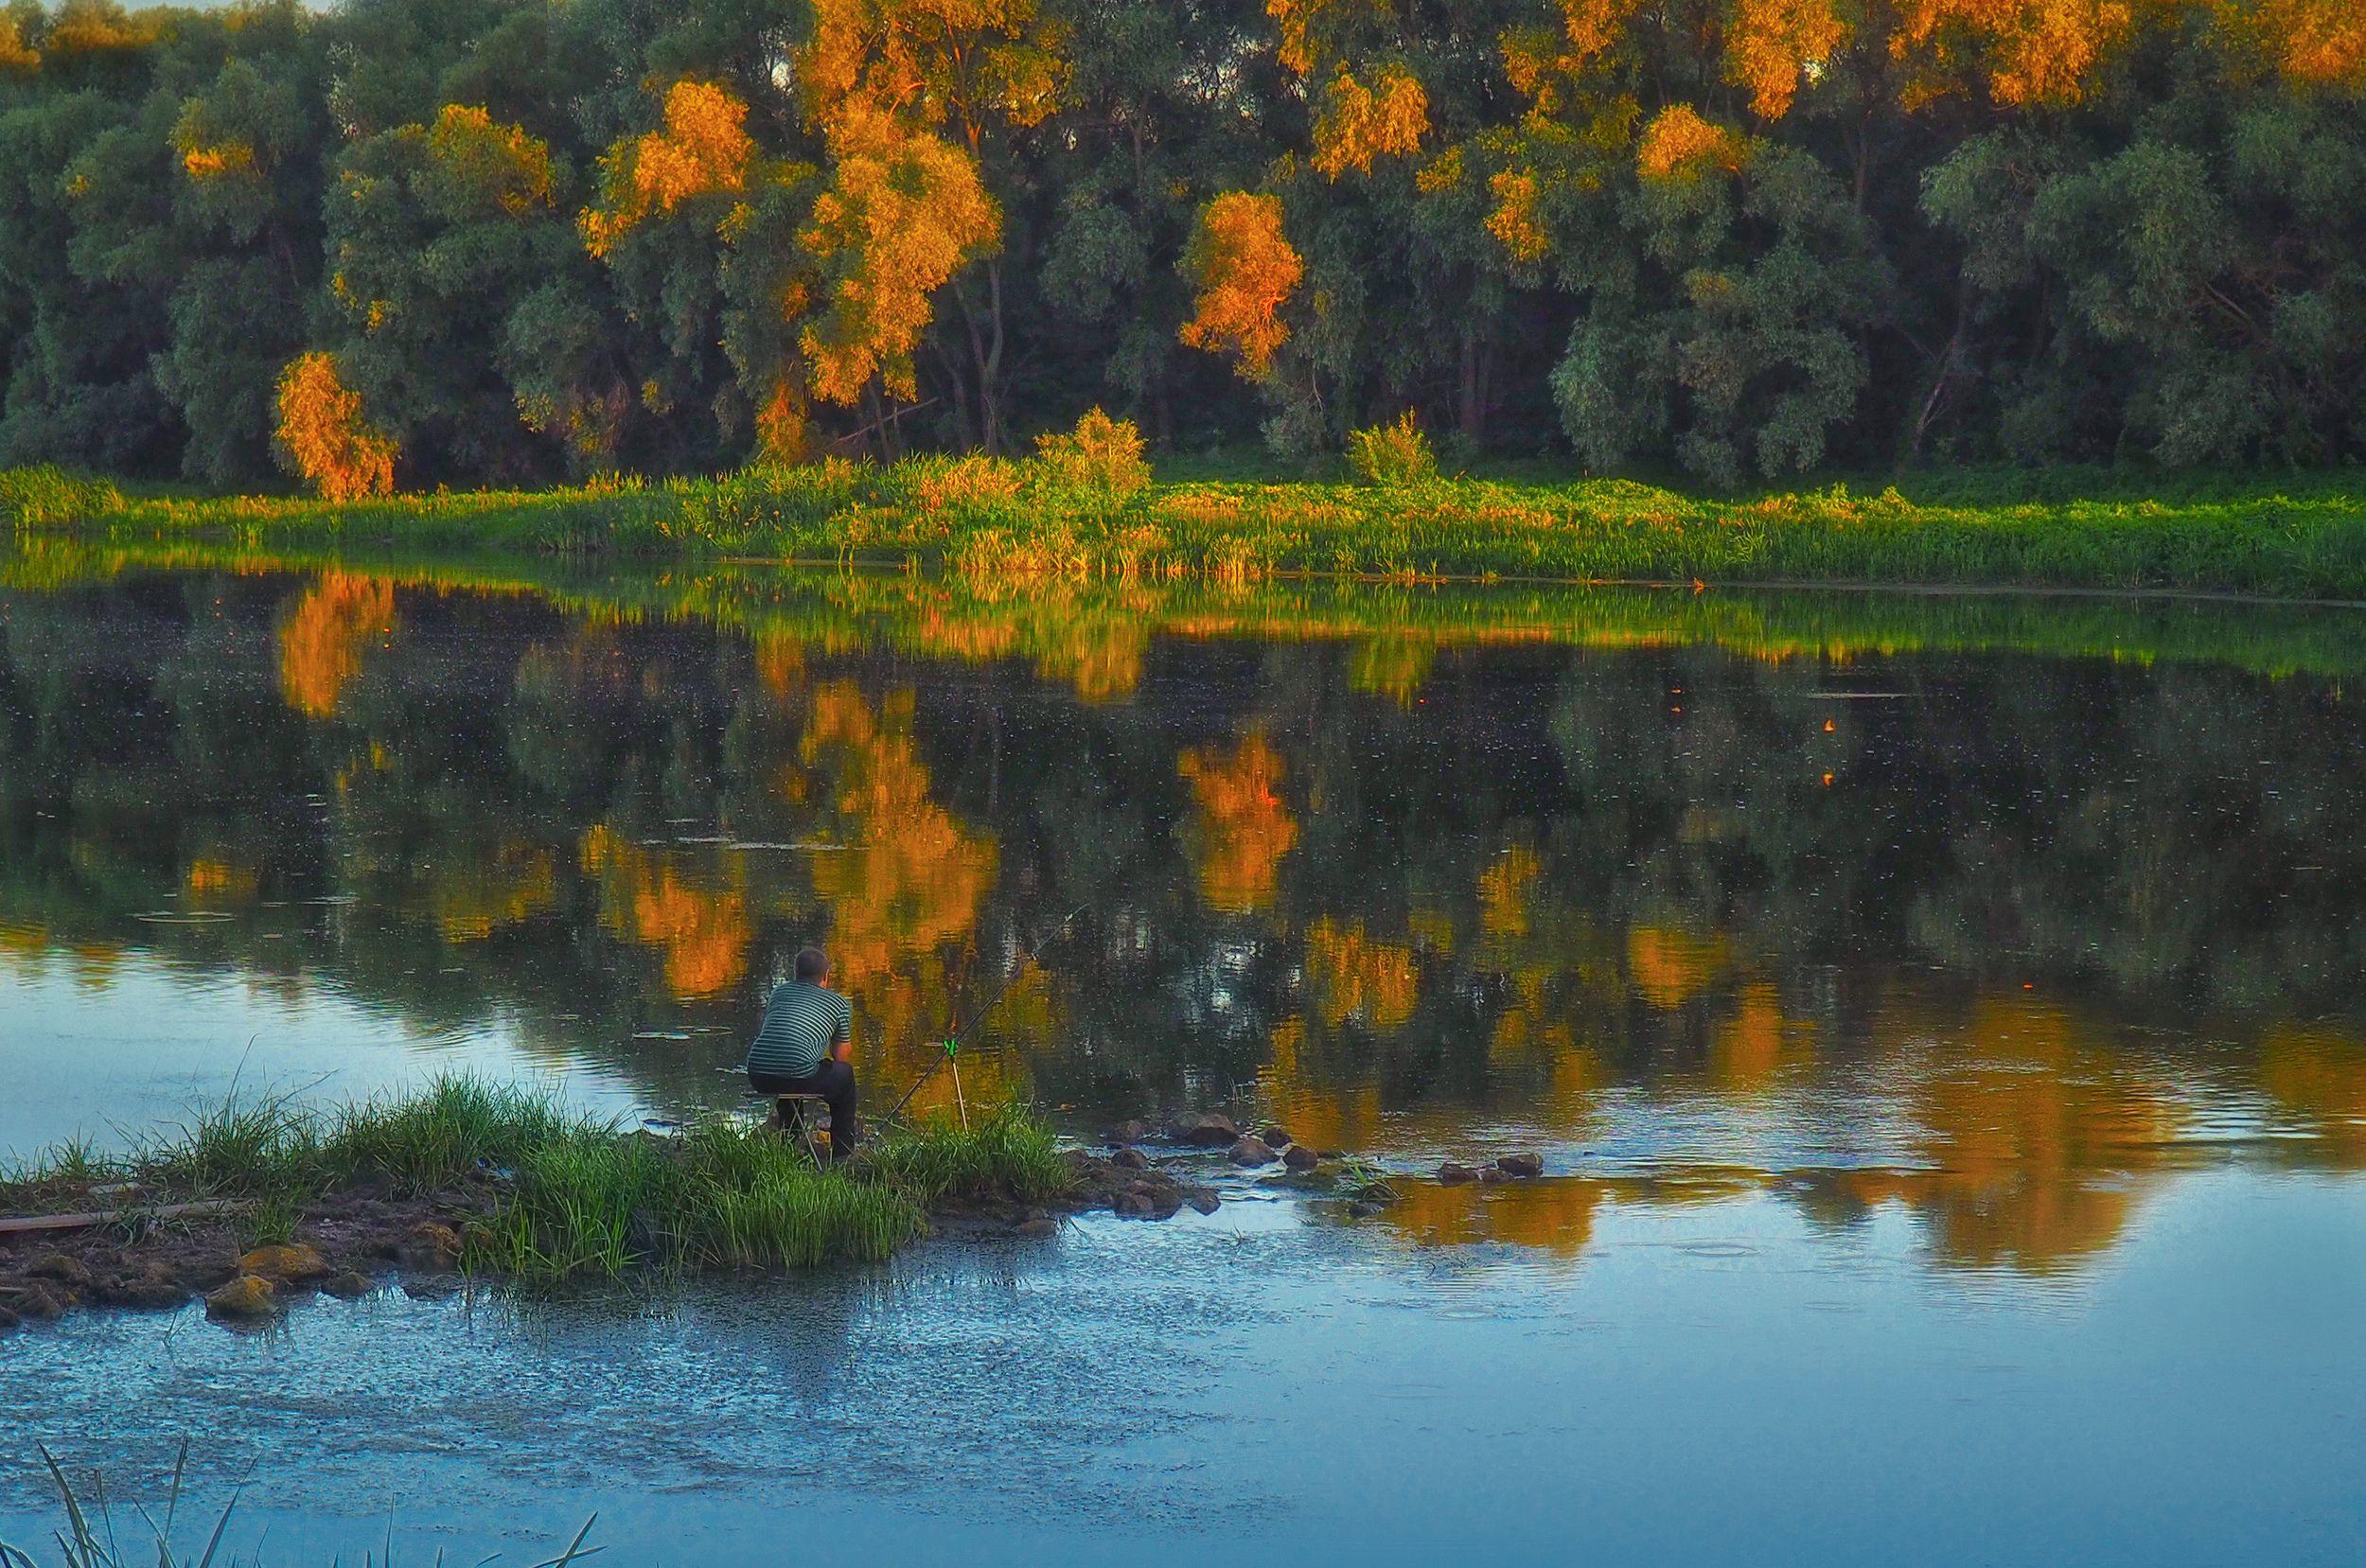 рыбак,закат,акварель,дон,вода,отражения,человек,пейзаж,река,вечер, Володин Владимир